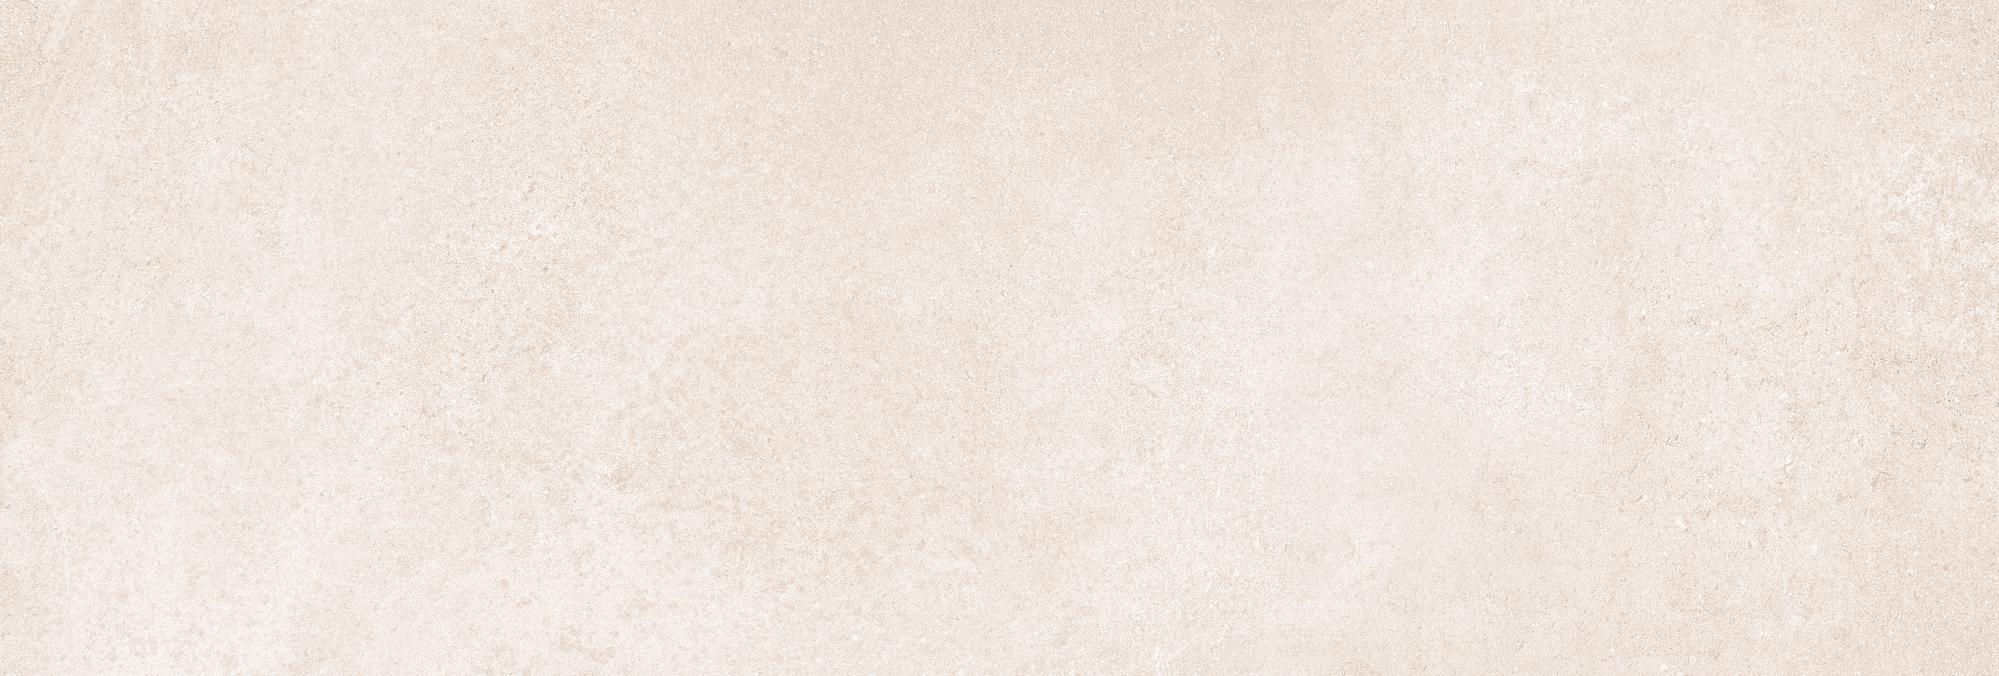 Купить Керамическая плитка Peronda Stonehill Sand/100/R (24299) настенная 33, 3x100, Испания